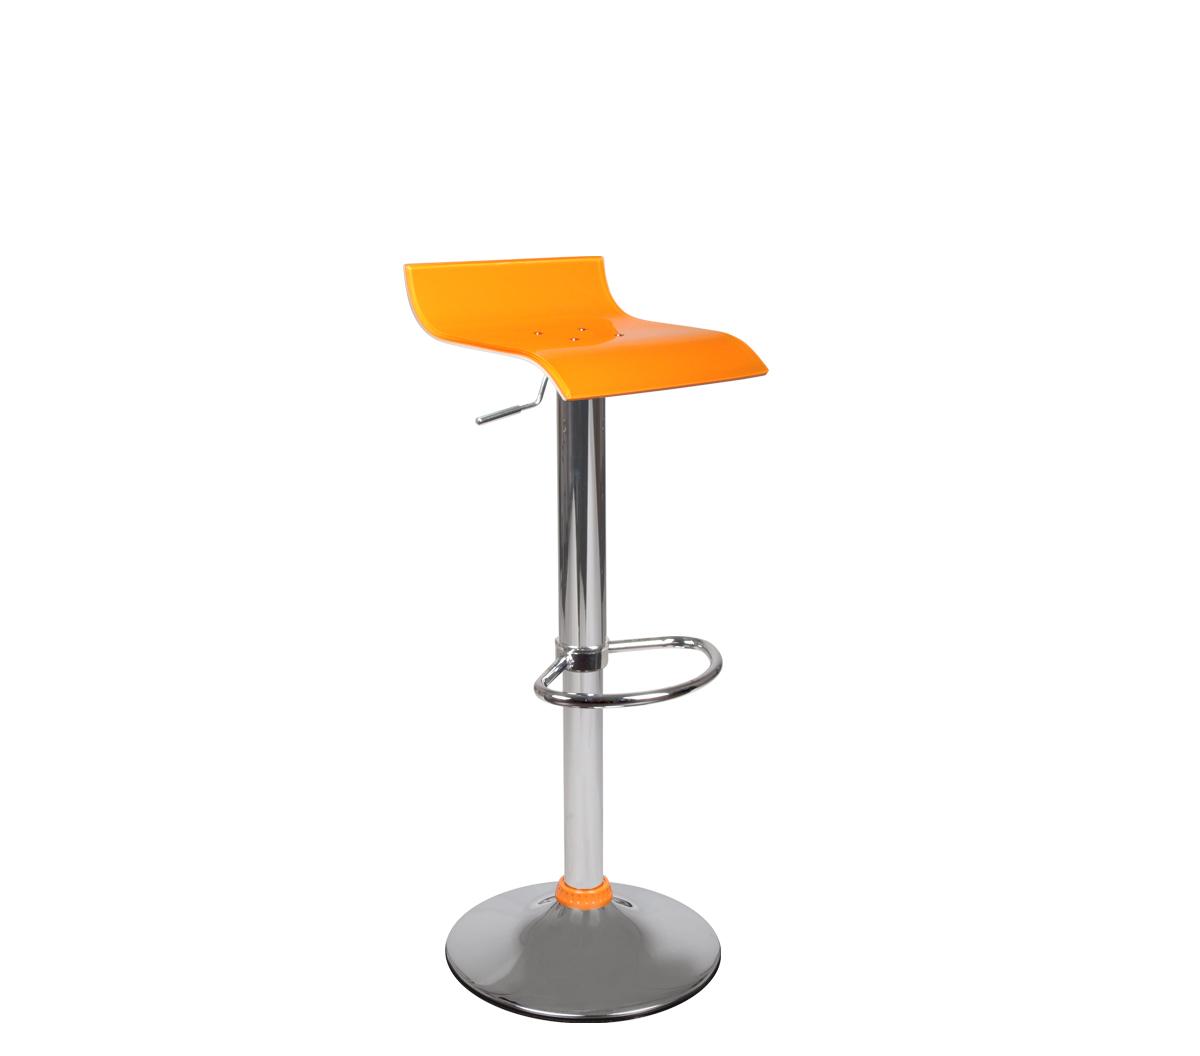 Tabouret de bar up to you design bicolore orange et blanc VEGA